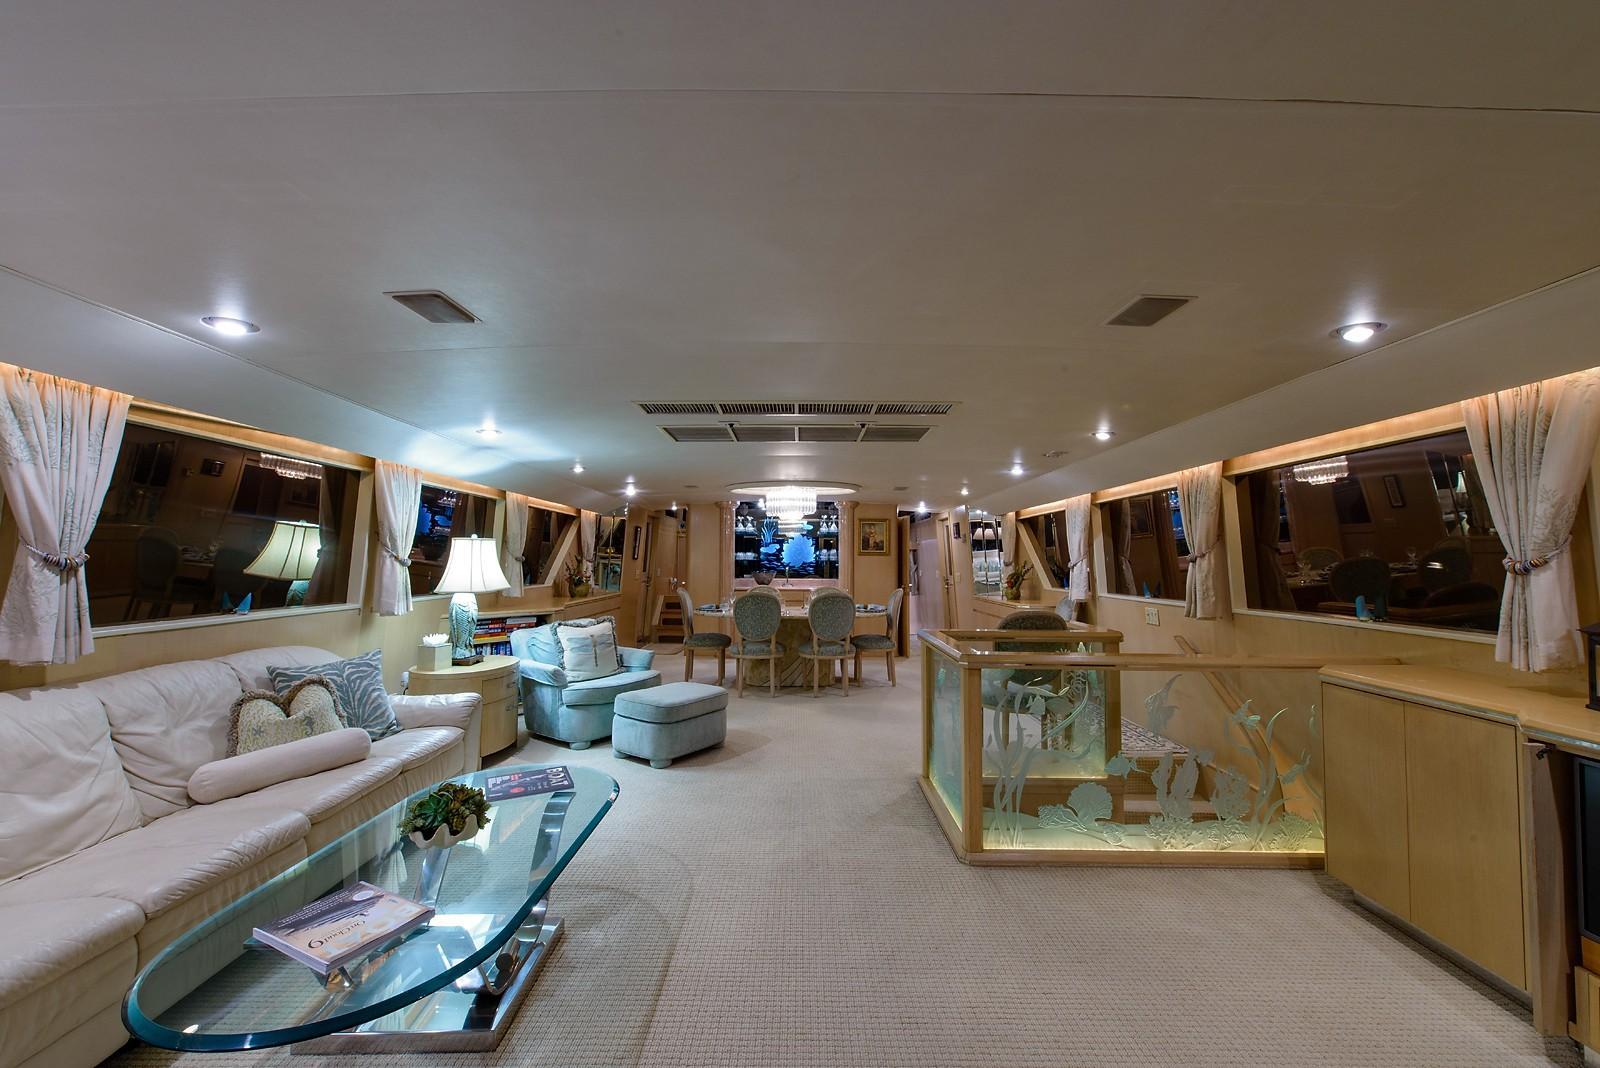 85 Broward Main Salon